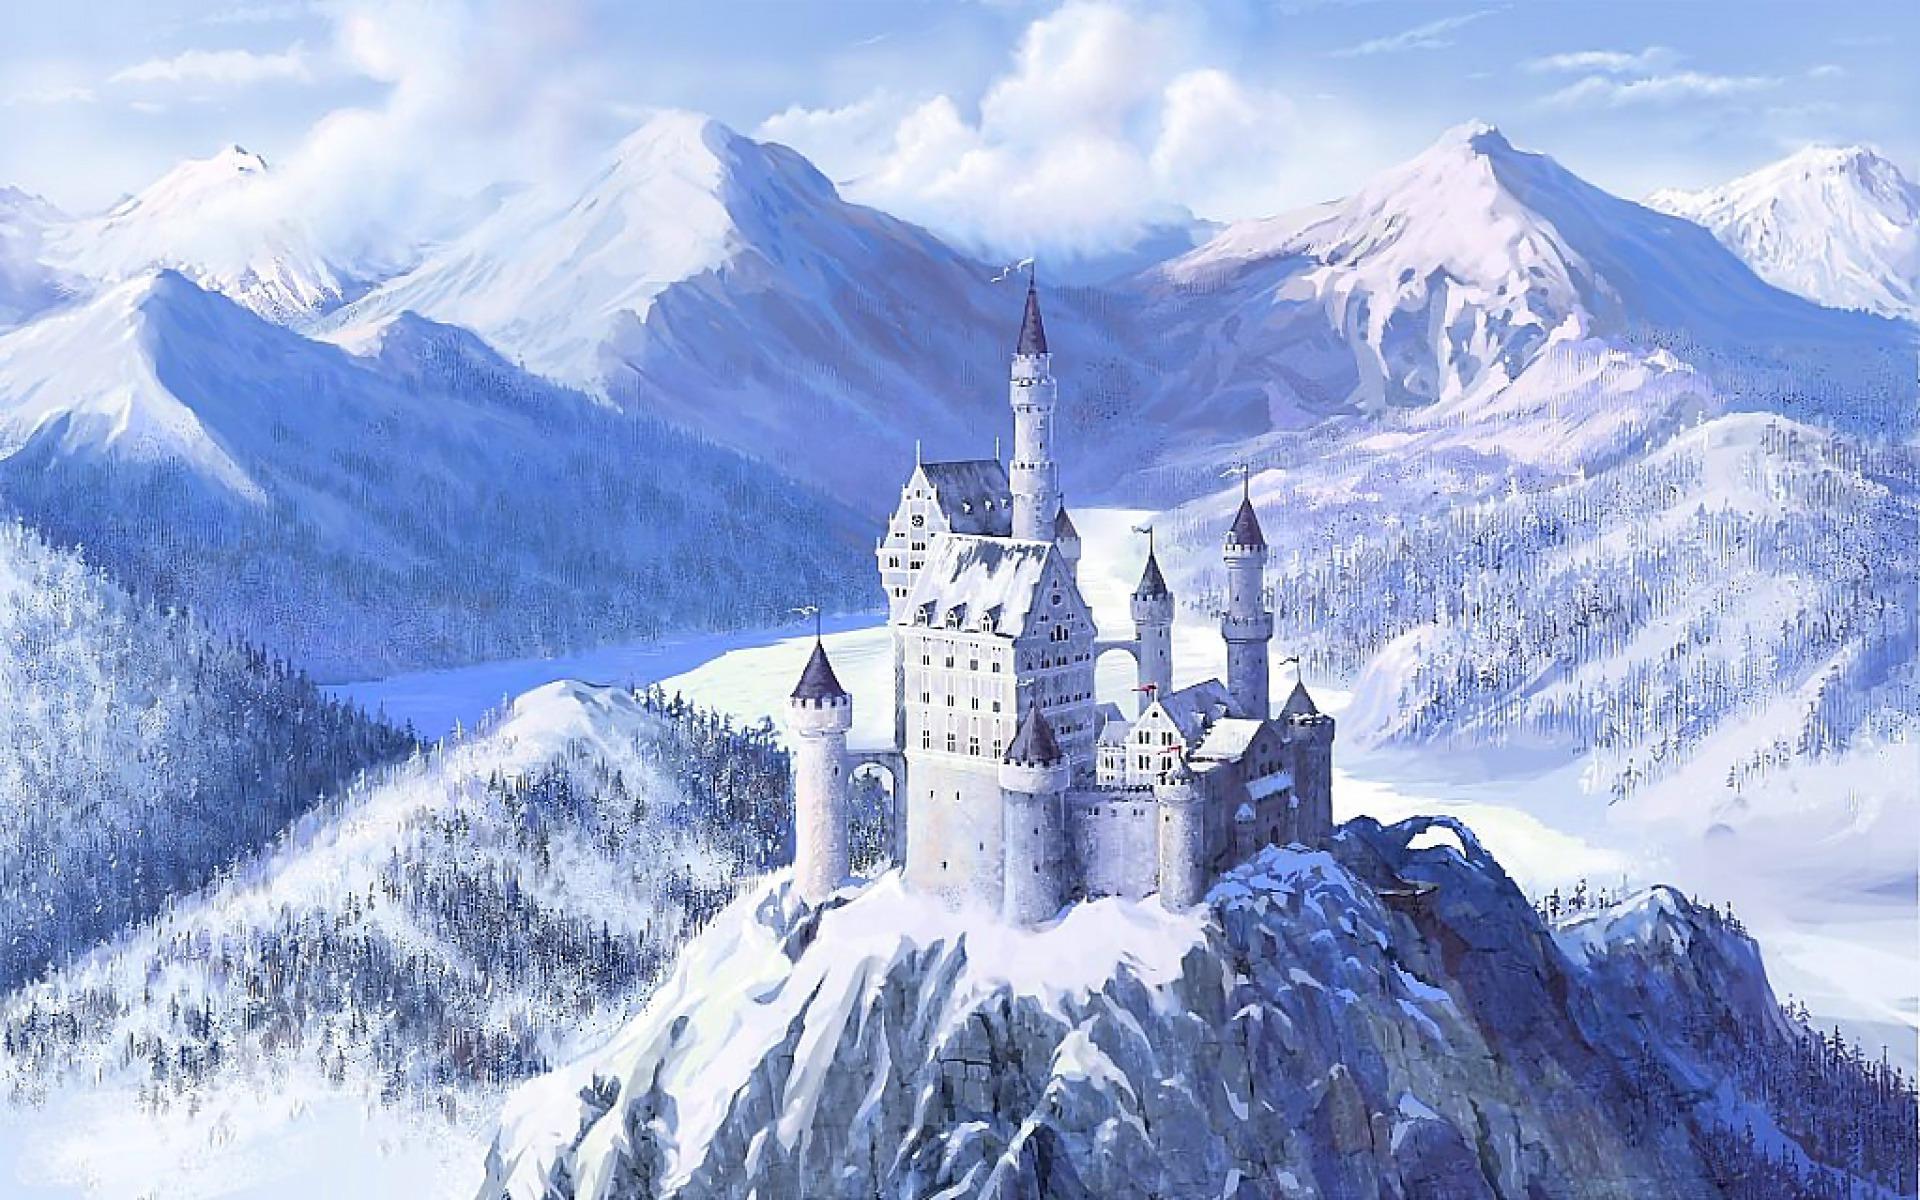 ws_White_Mountains_&_White_Castle_1920x1200